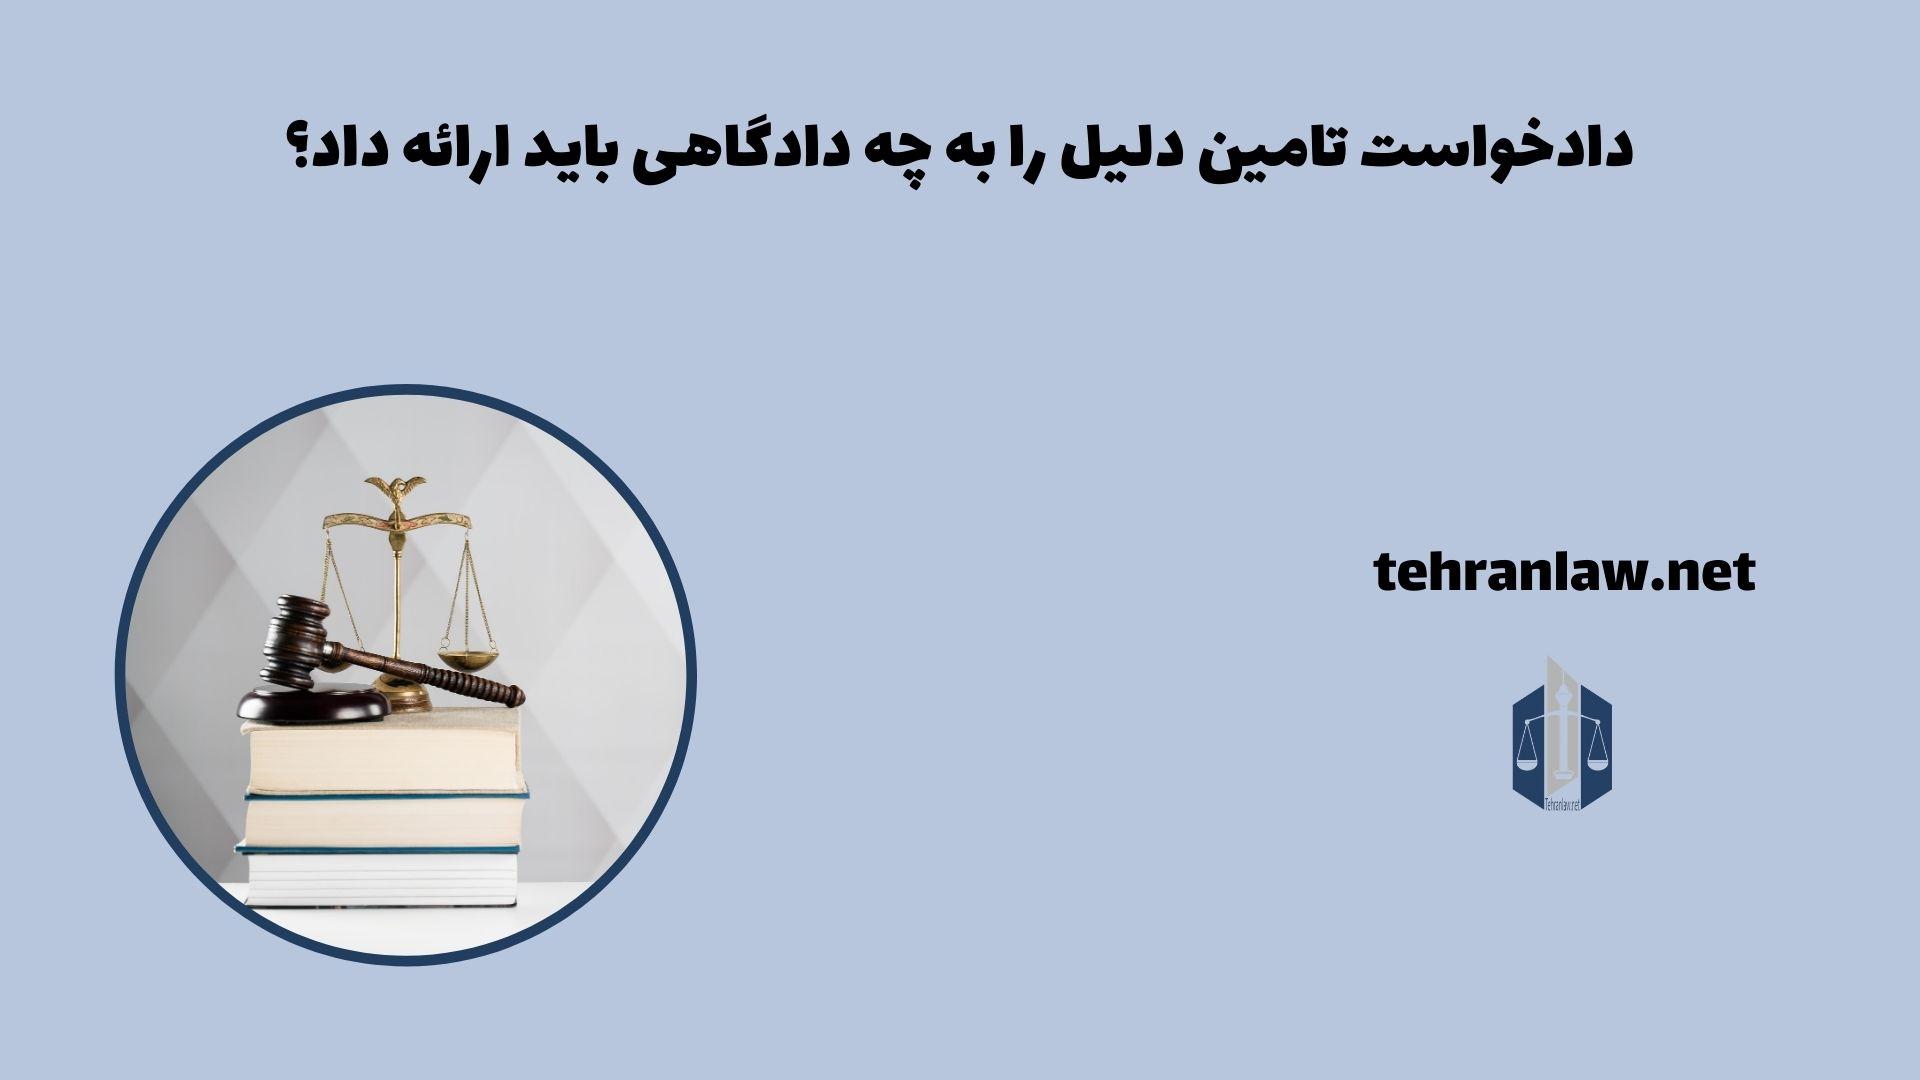 دادخواست تامین دلیل را به چه دادگاهی باید ارائه داد؟